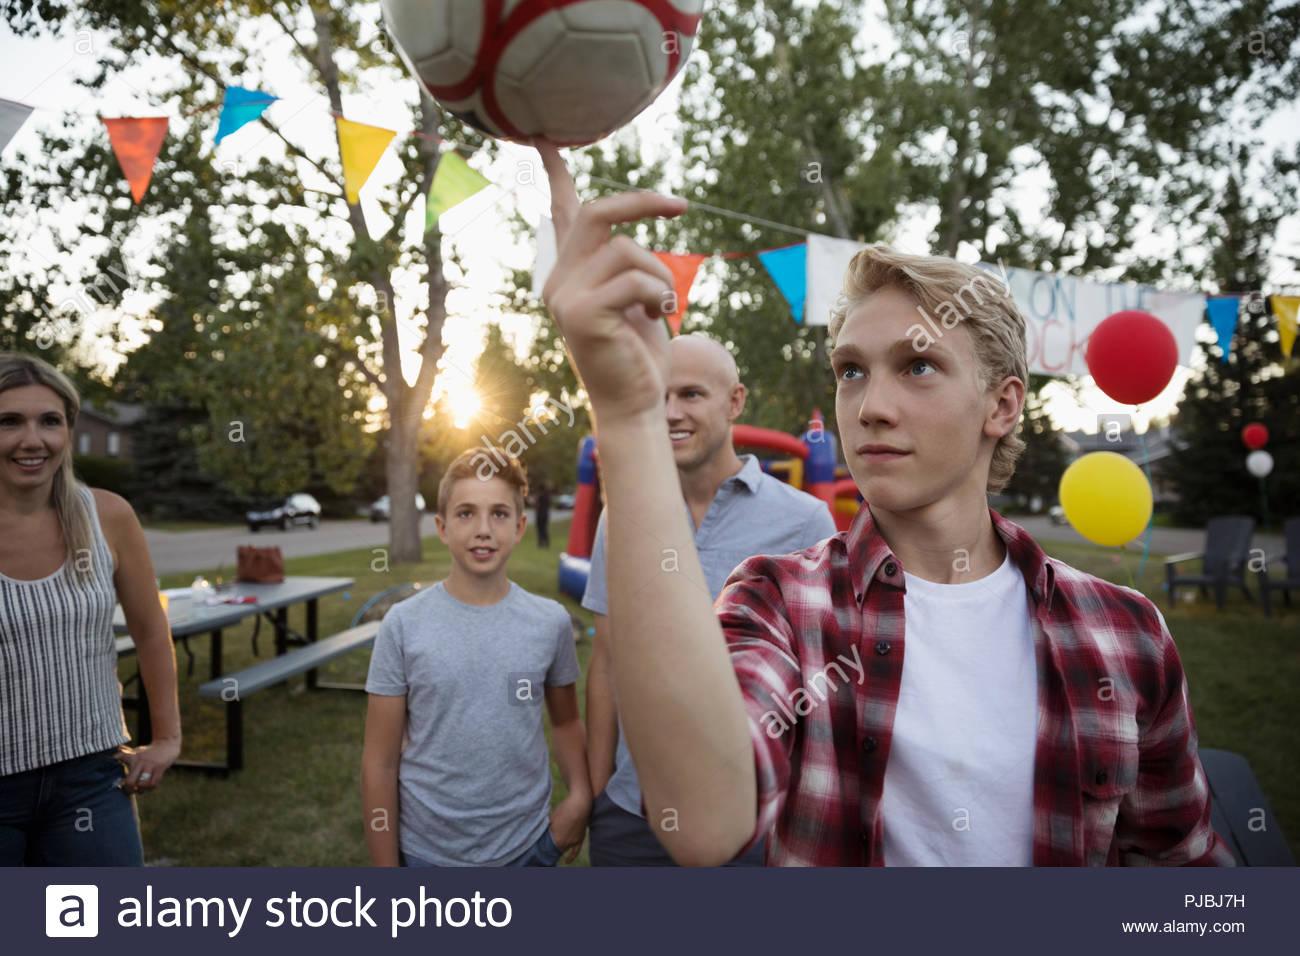 Junge balancing Fußball auf Finger am Sommer, der Nachbarschaft Block Party im Park Stockbild